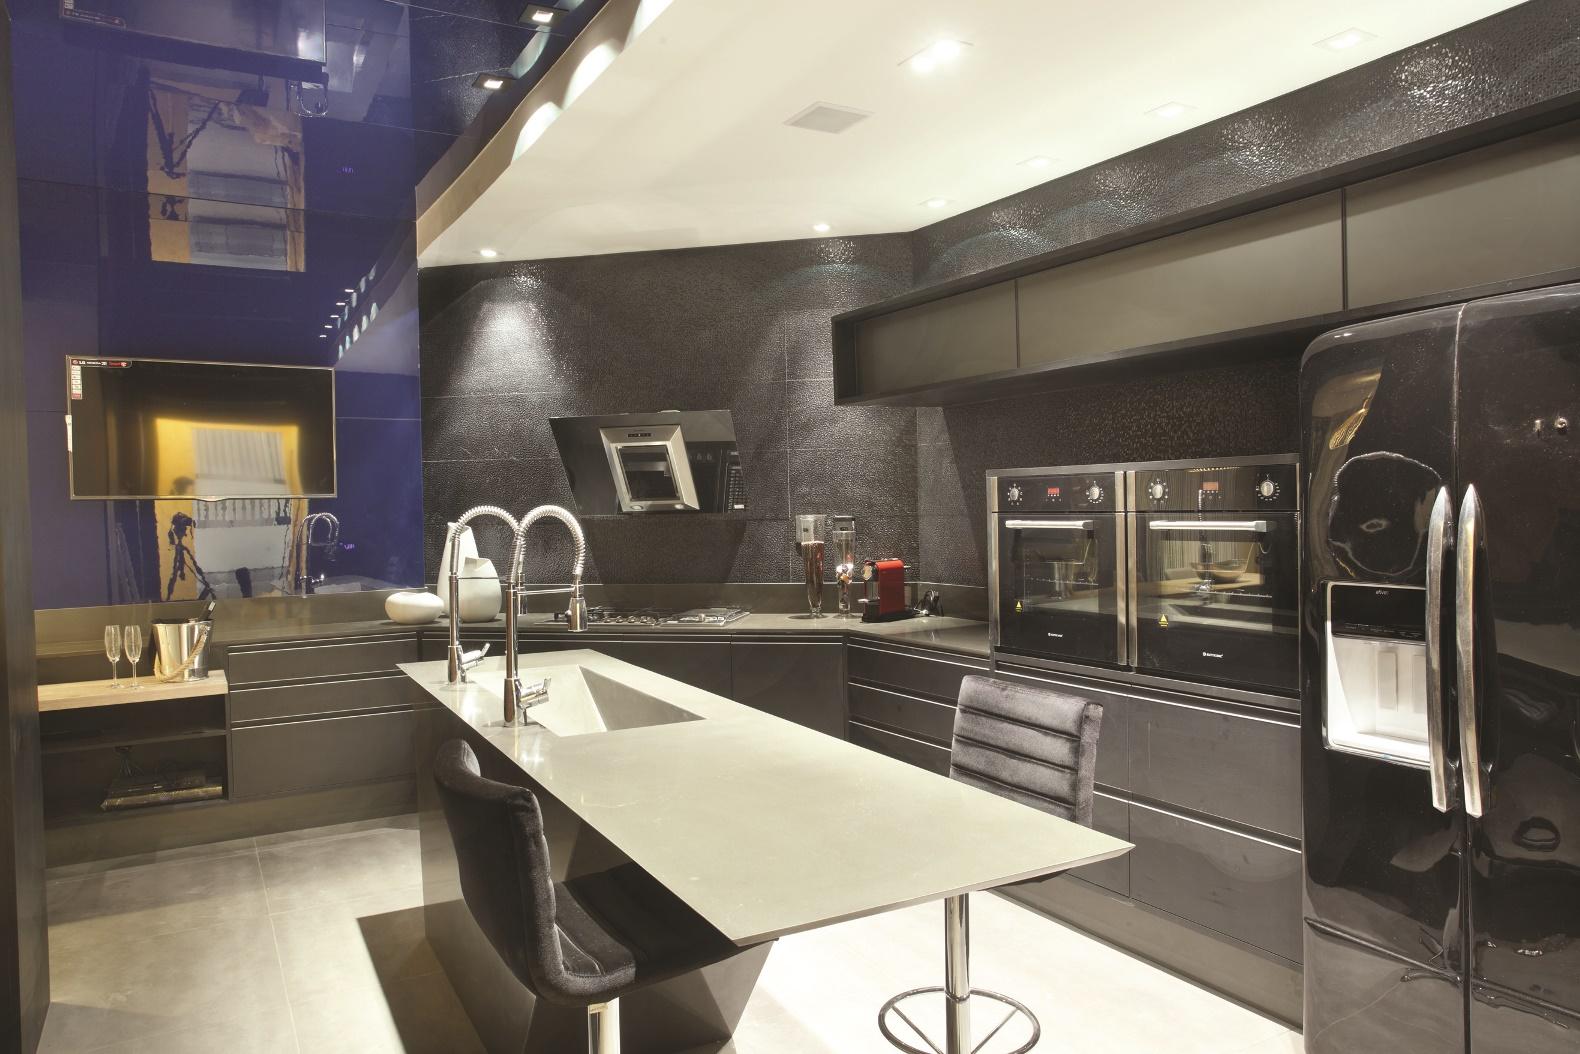 Casa Design e seus destaques COZINHA LUXO – Radar Decoração #977534 1580 1054